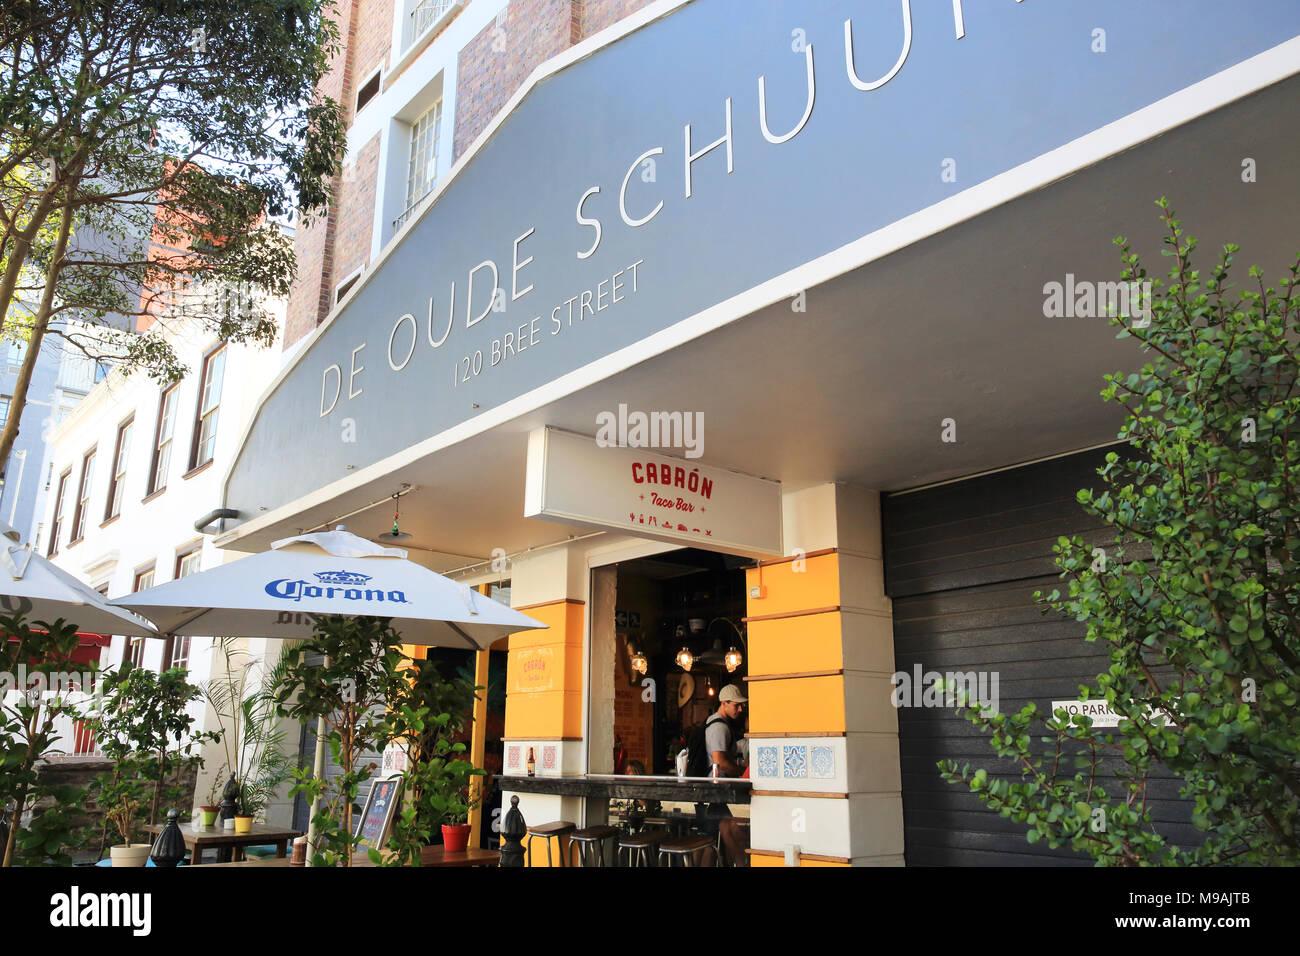 Bar e ristoranti di Bree Street, il più cool street nel centro di Città del Capo in Sud Africa Immagini Stock